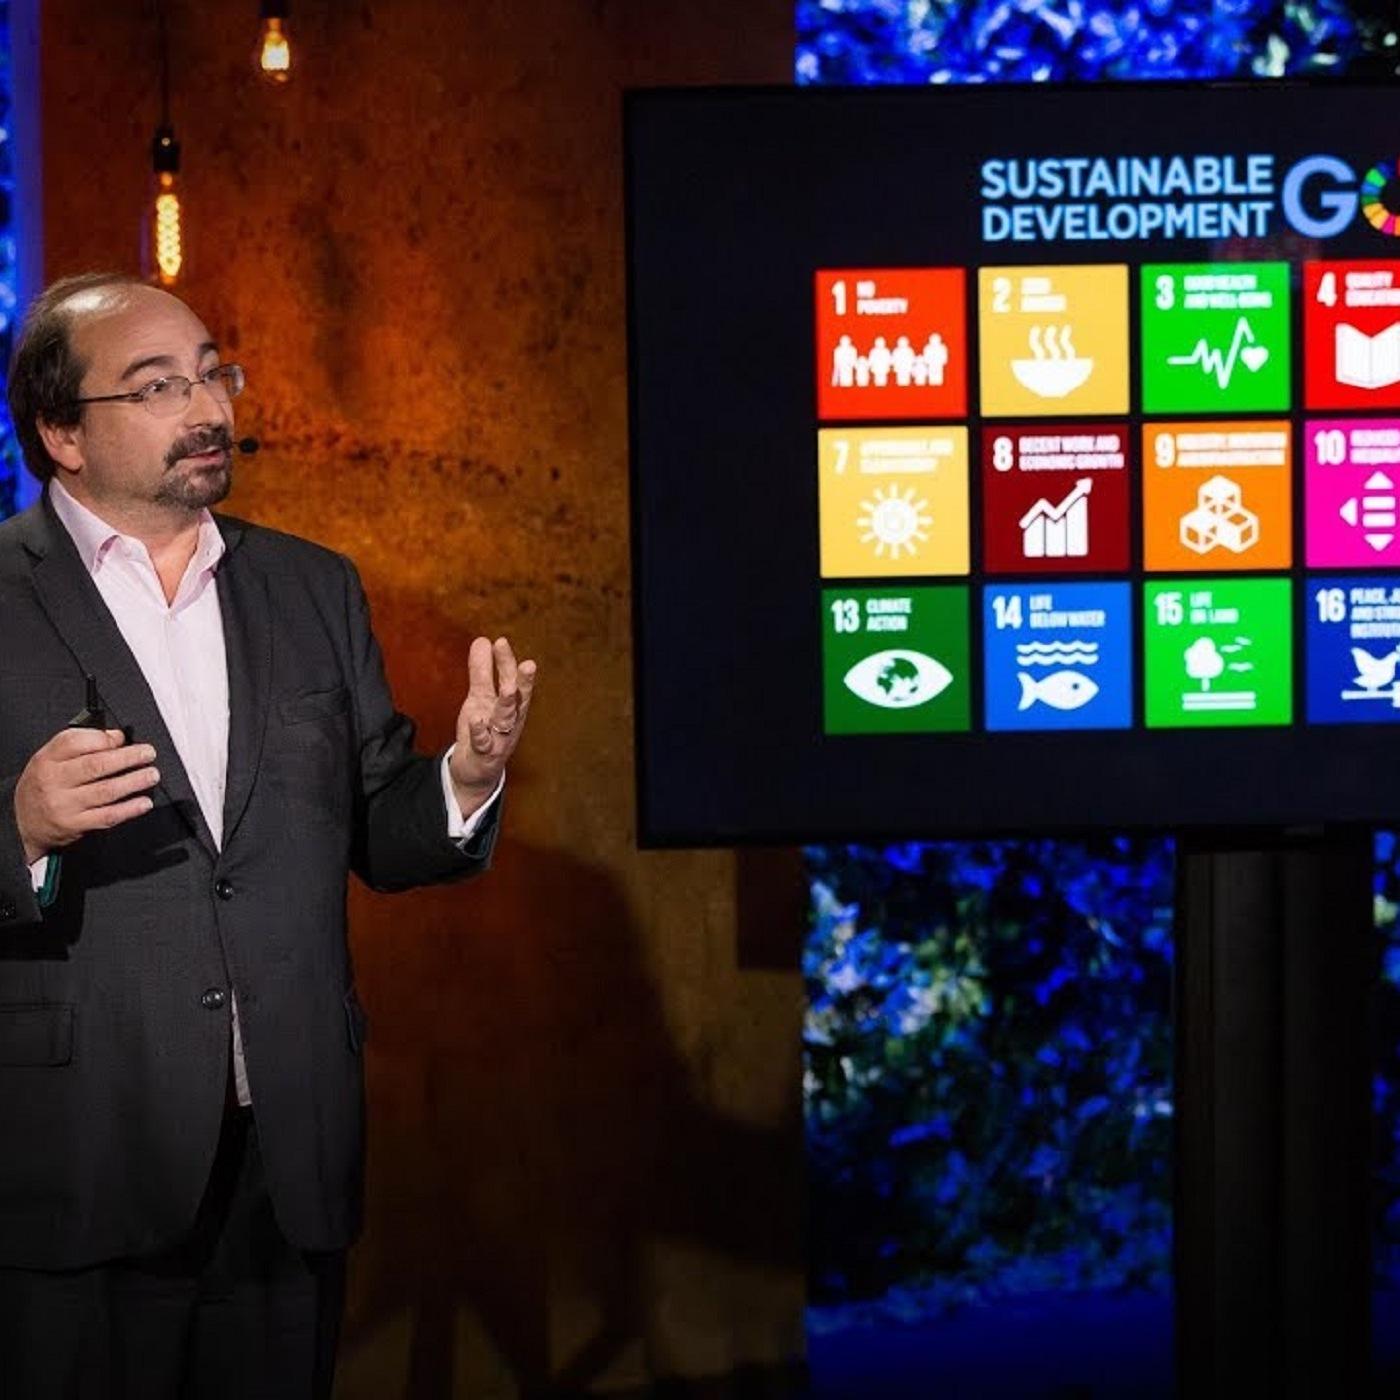 Глобальные цели, которых мы достигаем — и не достигаем (Майкл Грин)